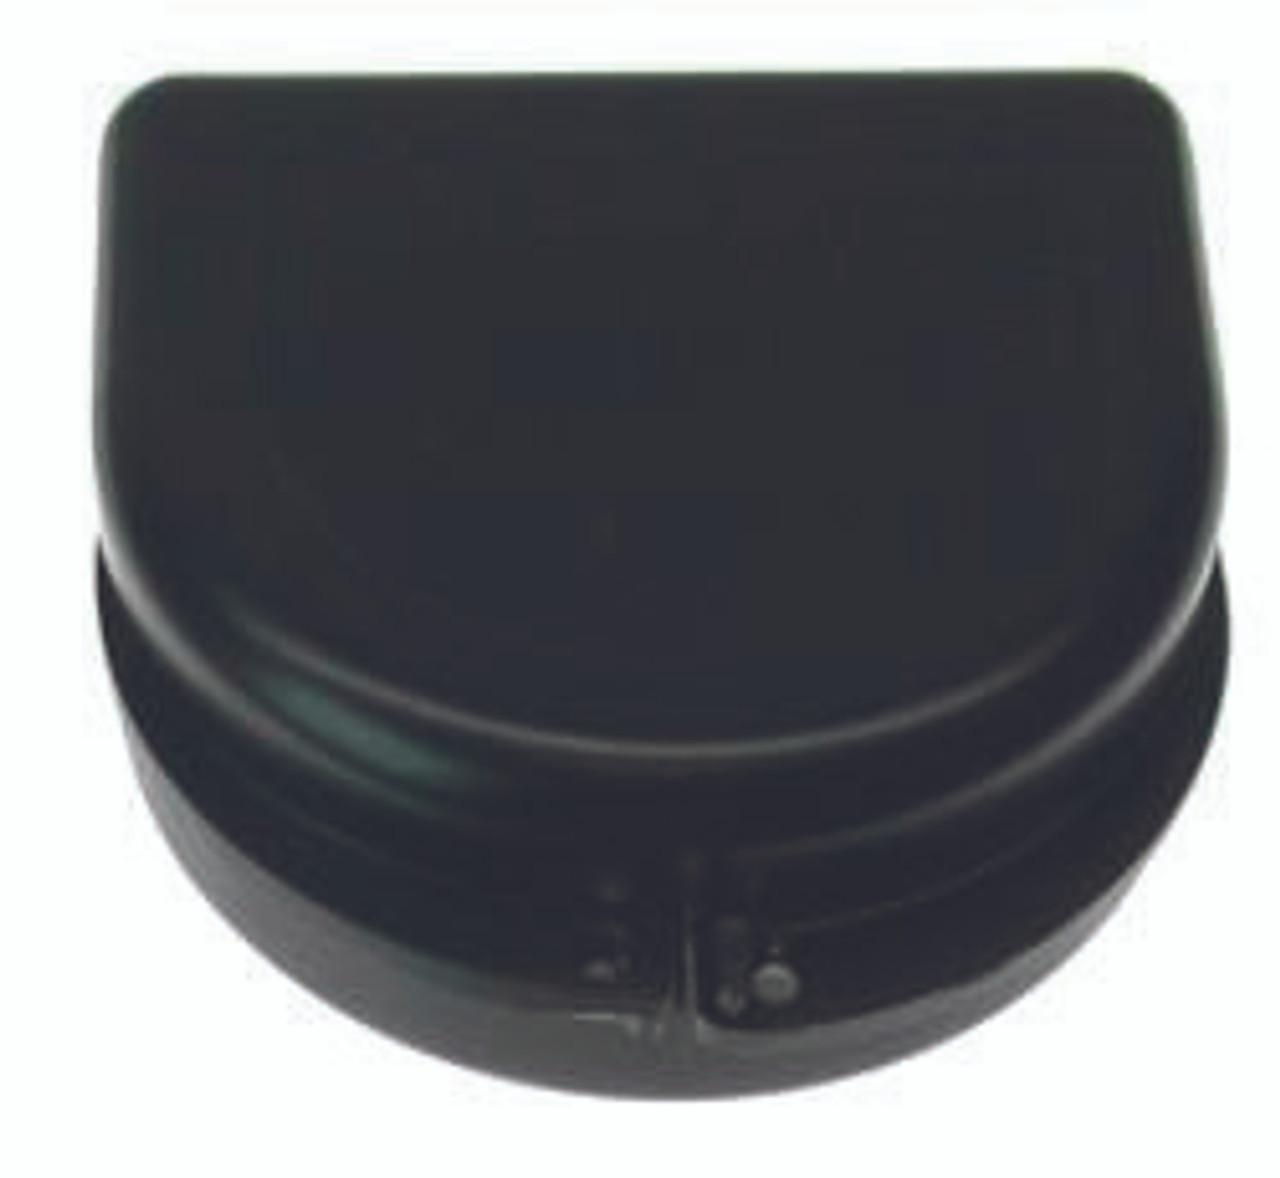 Black Retainer Cases - 25 pk